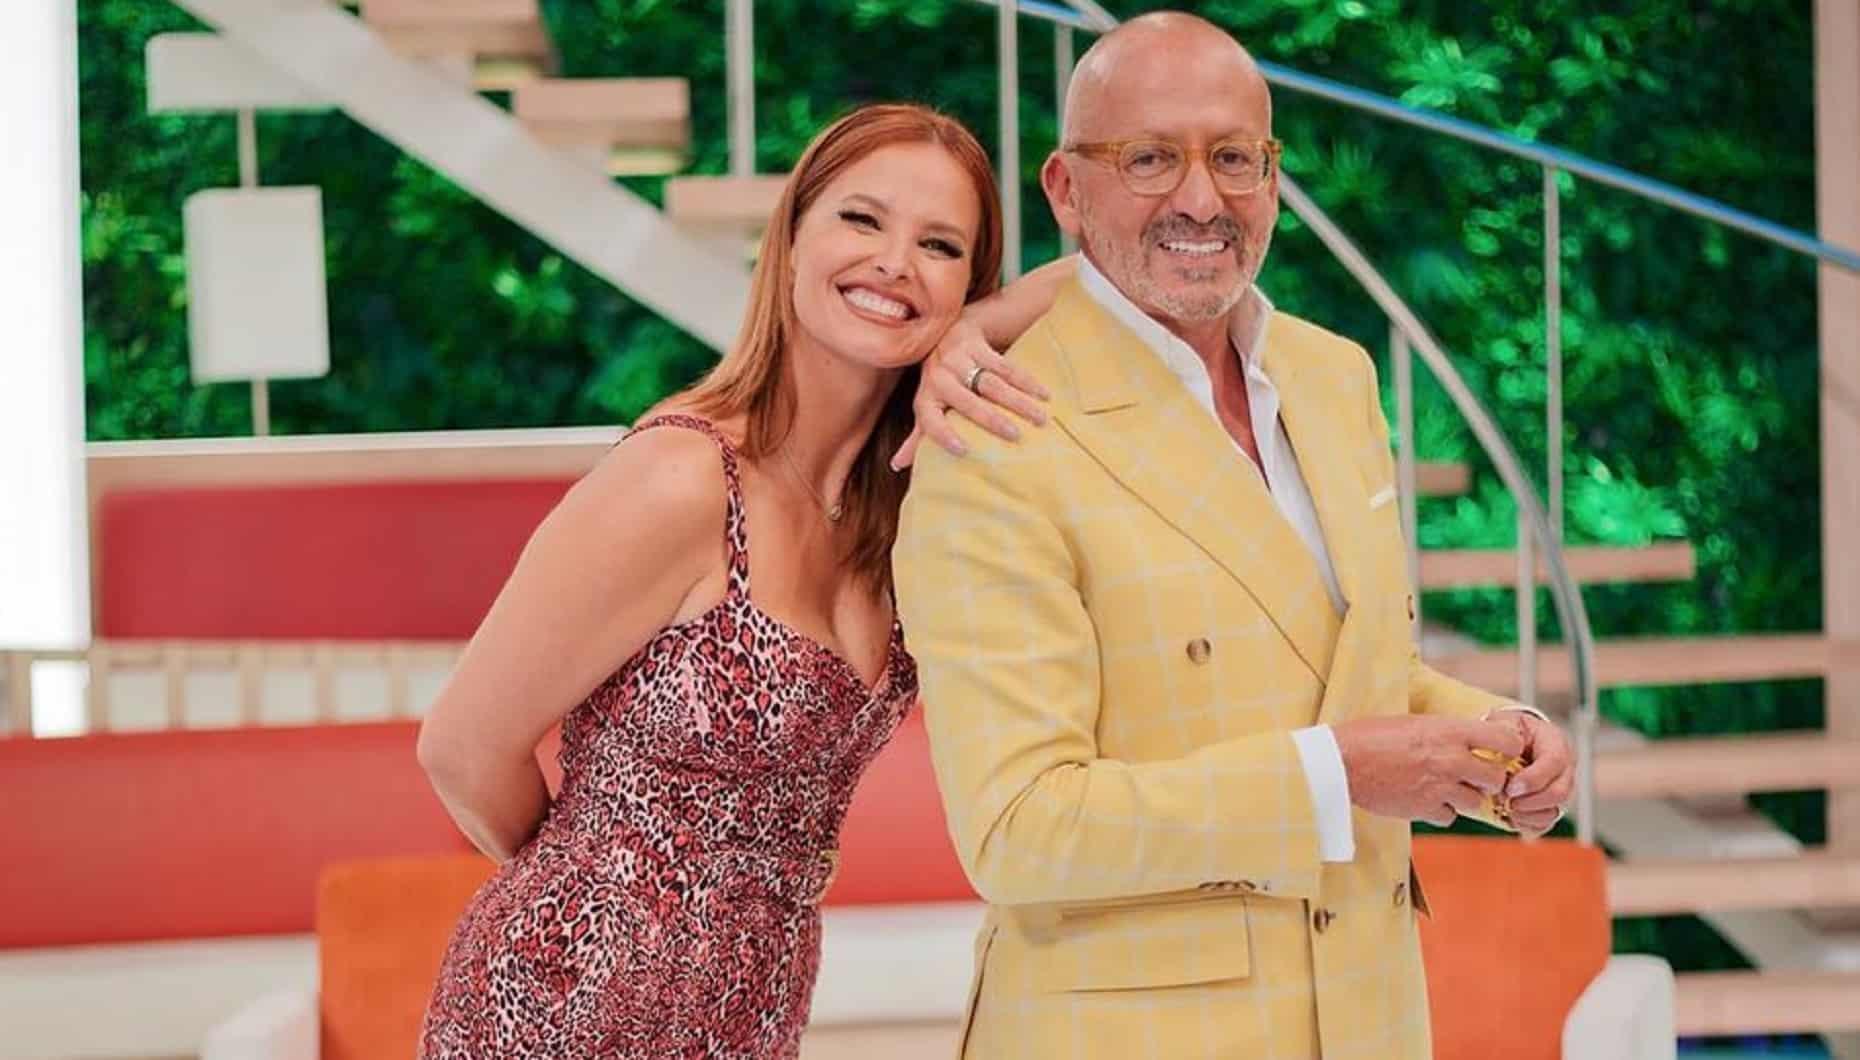 Cristina Ferreira Goucha